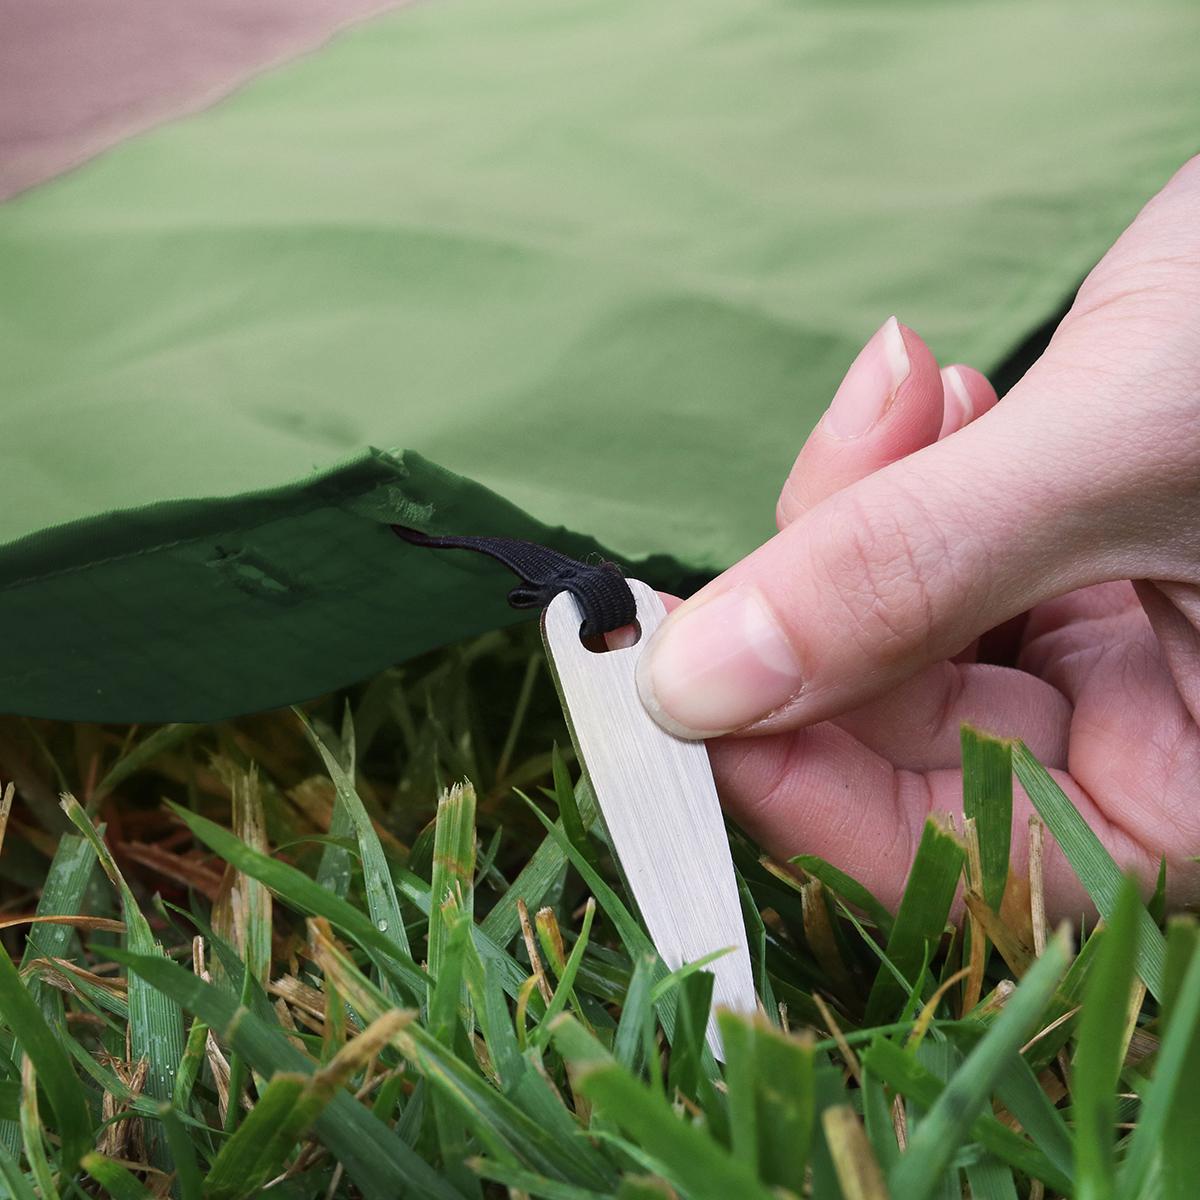 手のひらサイズになる大容量バッグ|《2〜3人用》いろんな場面で大活躍する、手のひらサイズにたためる撥水仕様レジャーシート|Matador POCKET BLANKET